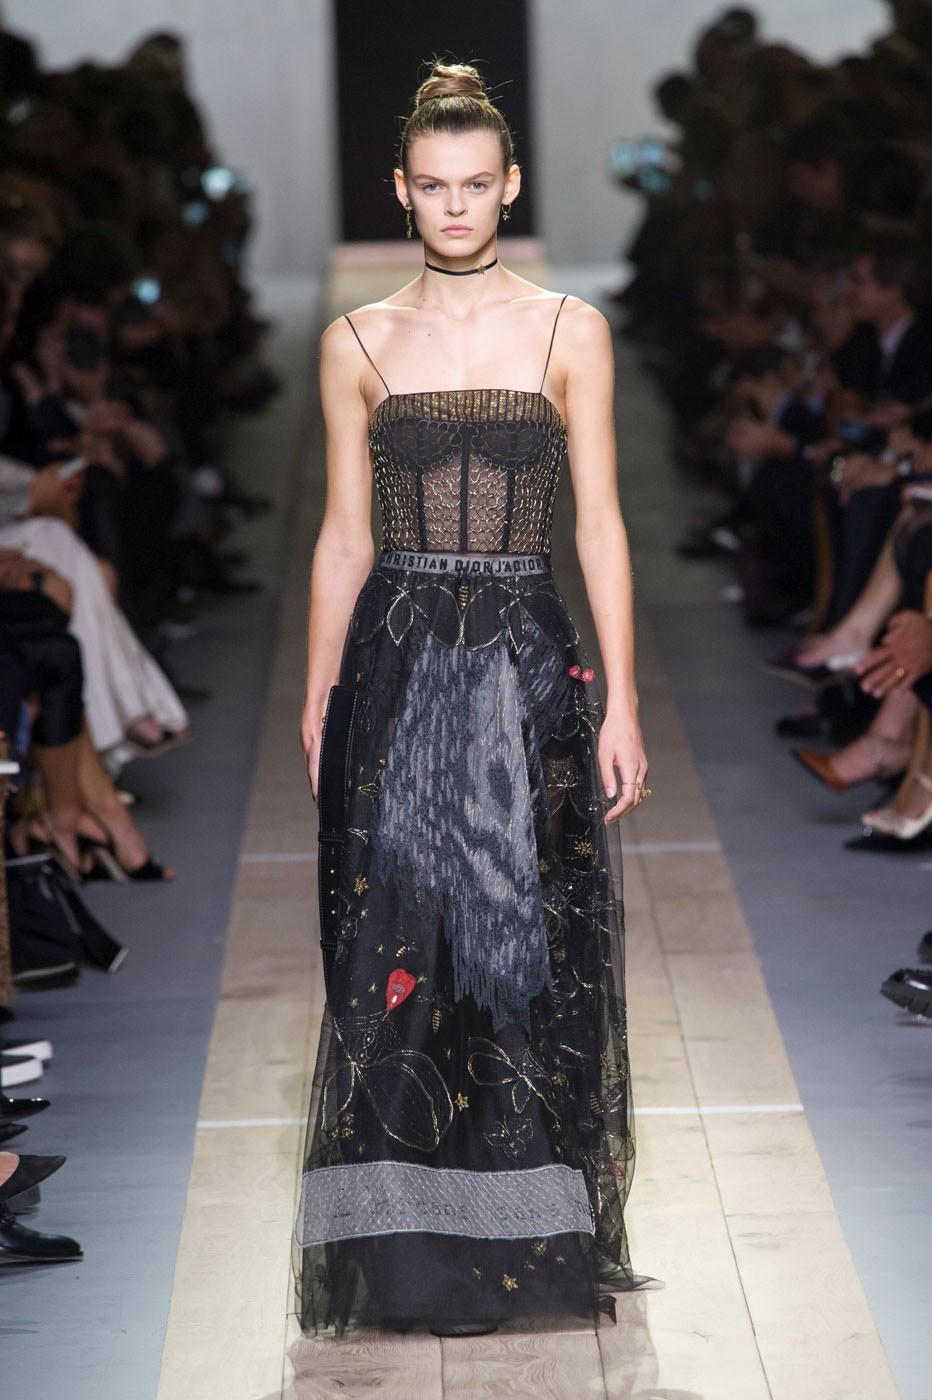 Christian diors spring summer collection savoir flair jpg 932x1400 Fashion  week christian dior designer 6ecc533b7bfa0